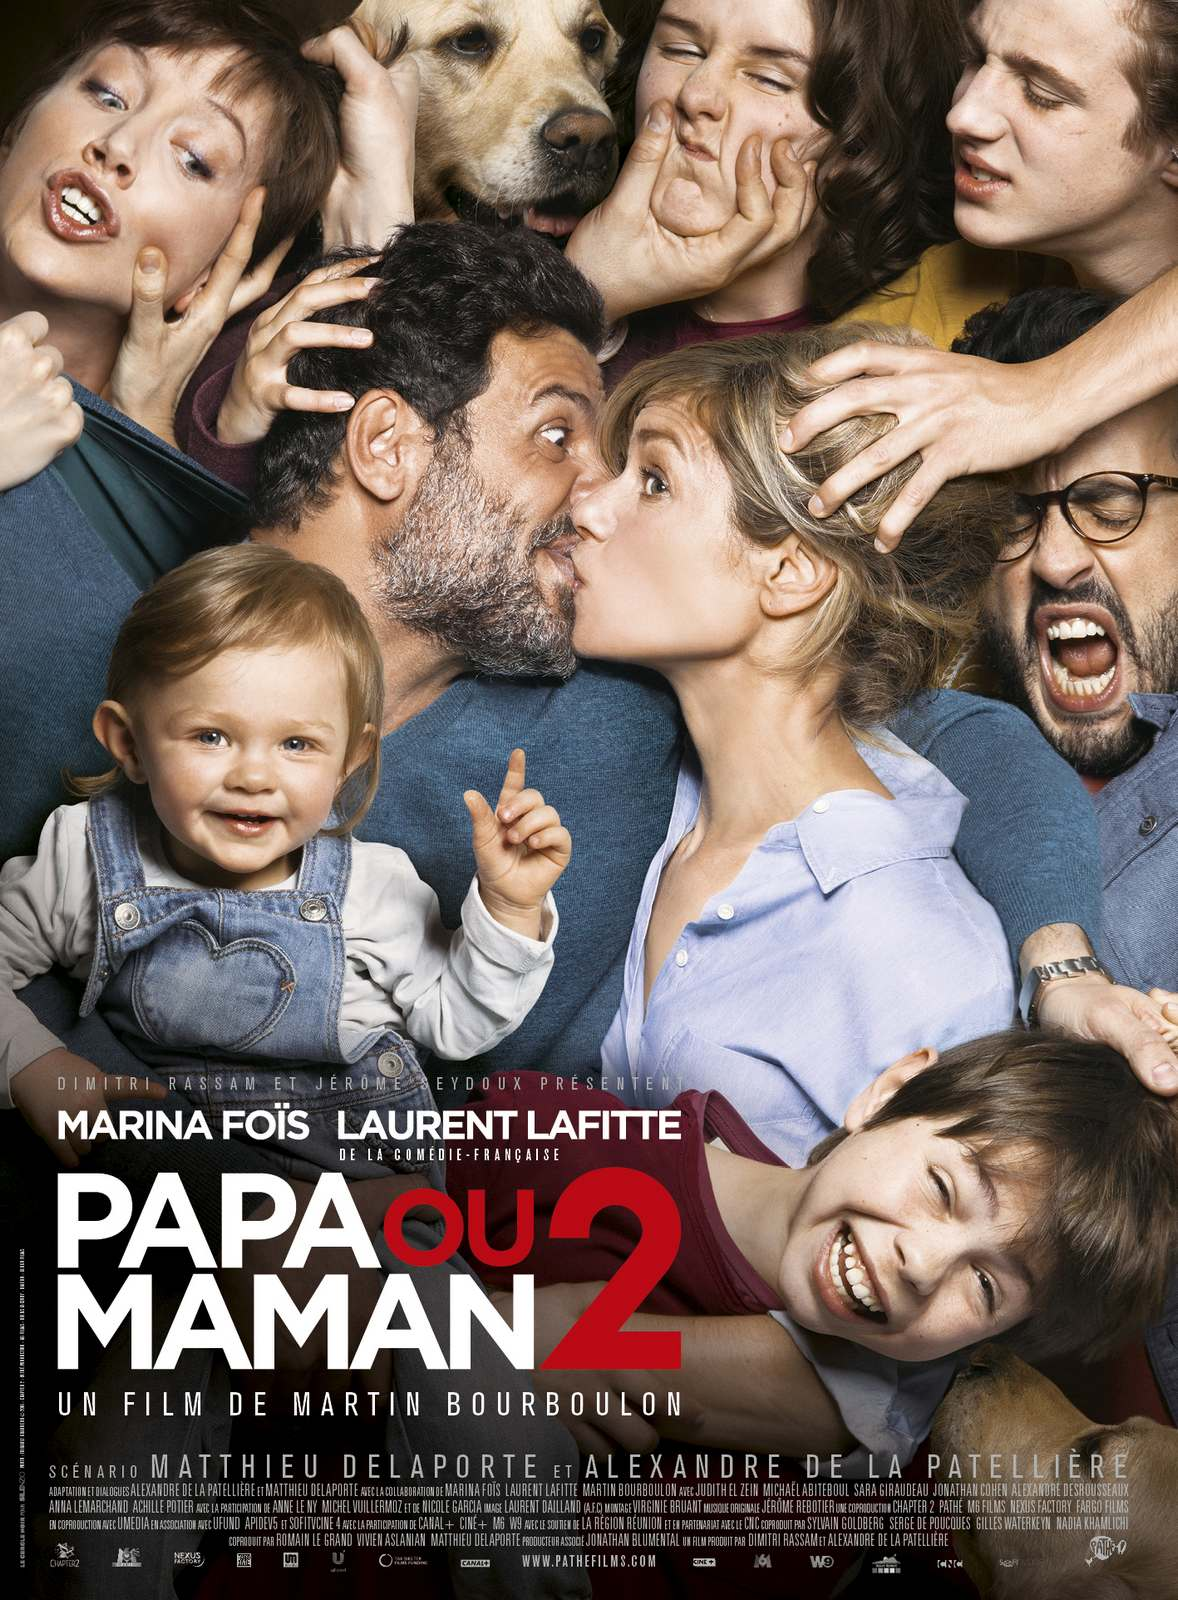 Papa ou maman 2 Français BRRiP